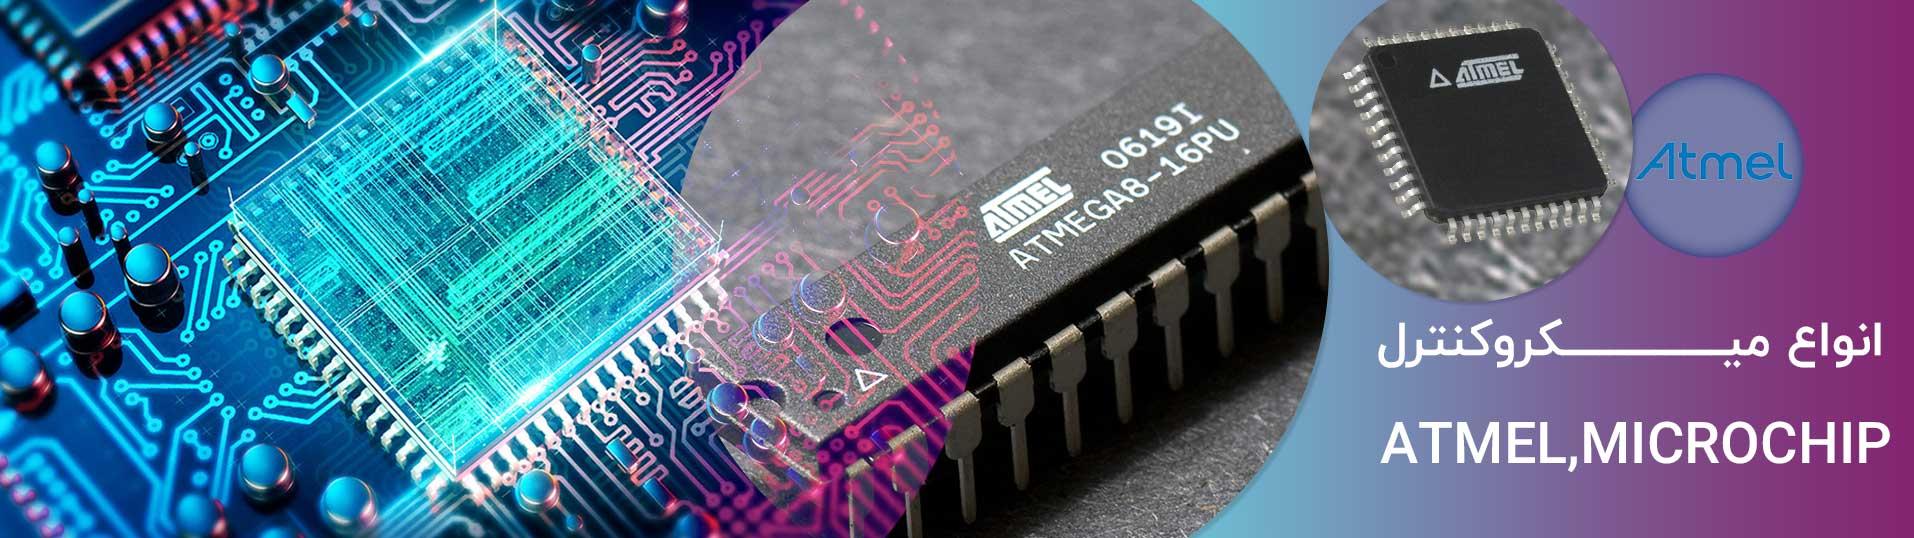 میکروکنترل - فراالکترونیک